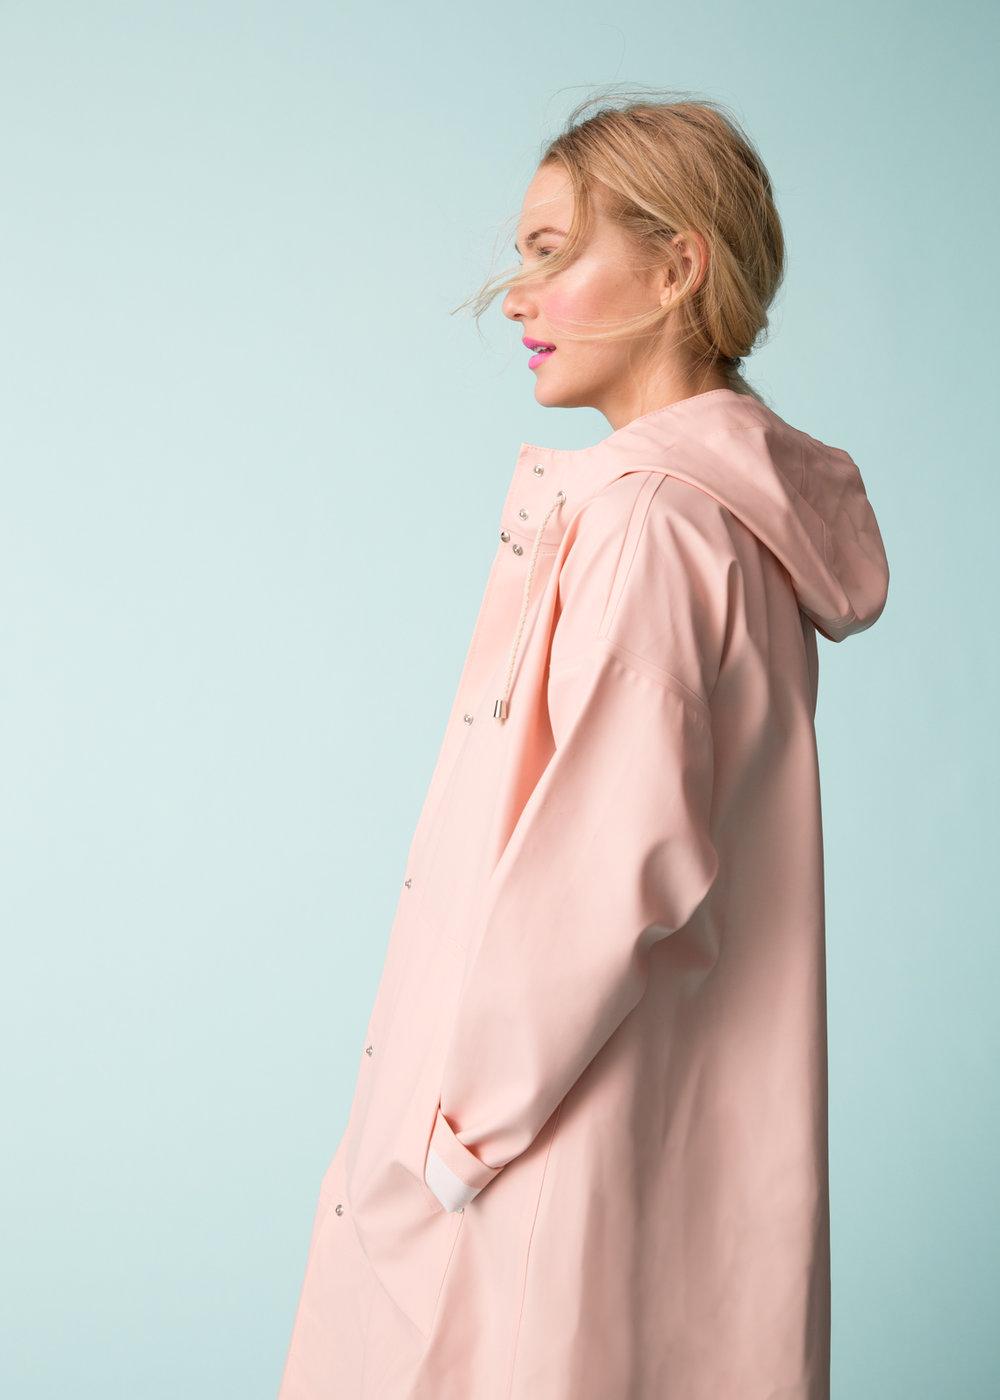 pink-coat-097-TM-6257455.jpg